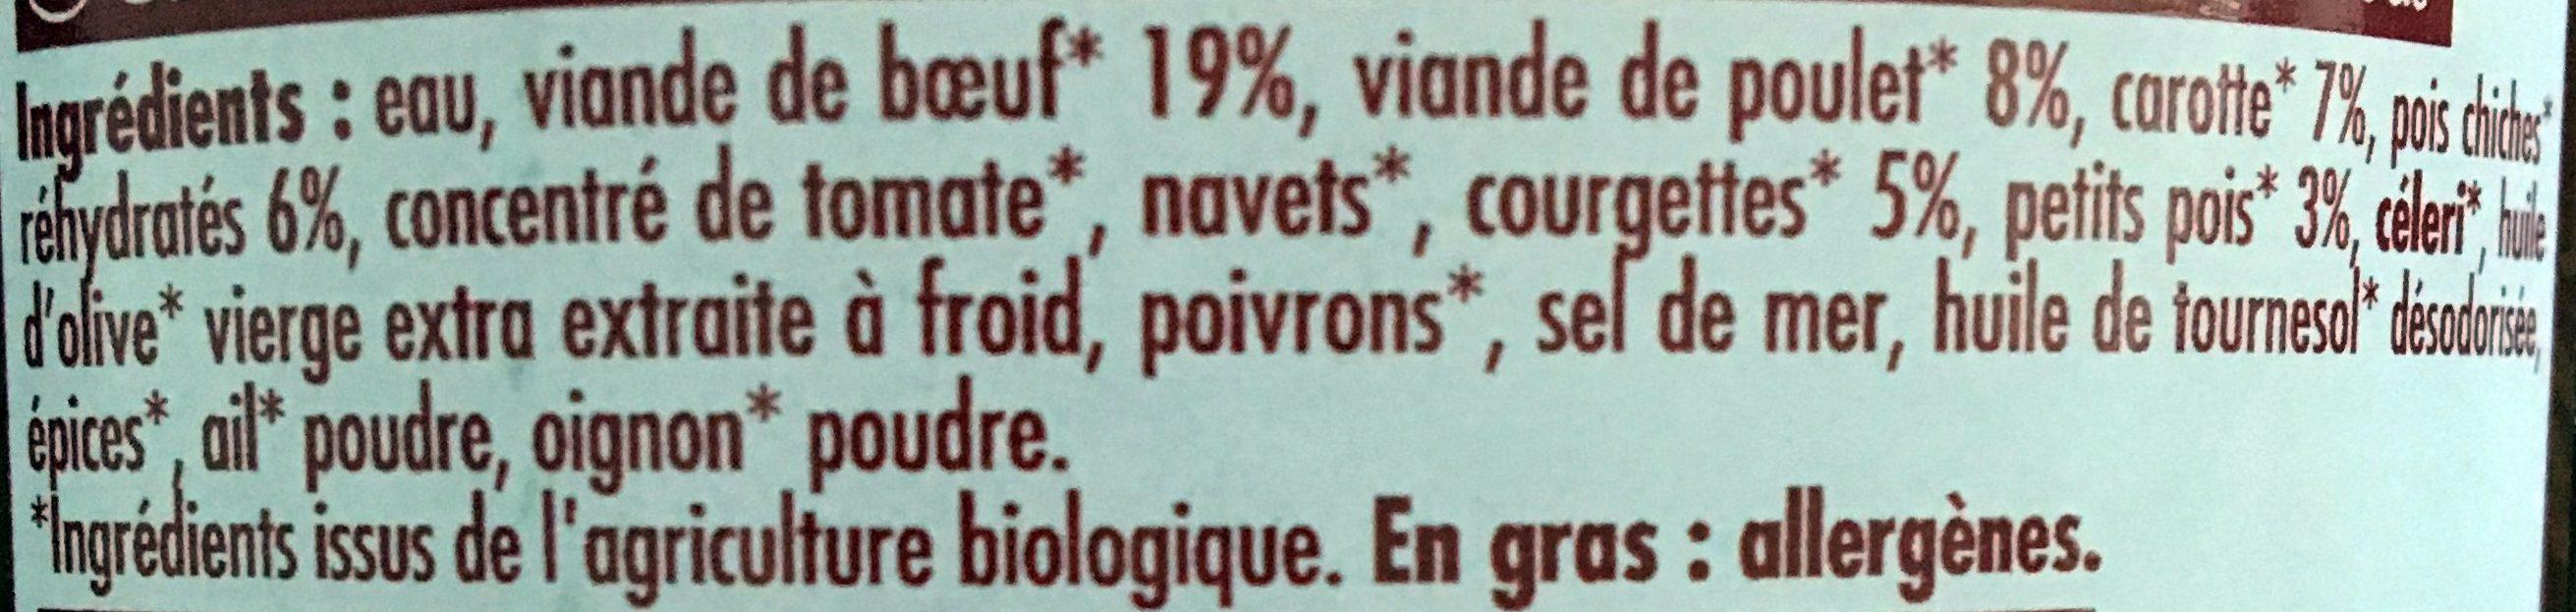 Couscous Au Boeuf Et Au Poulet - Ingrédients - fr